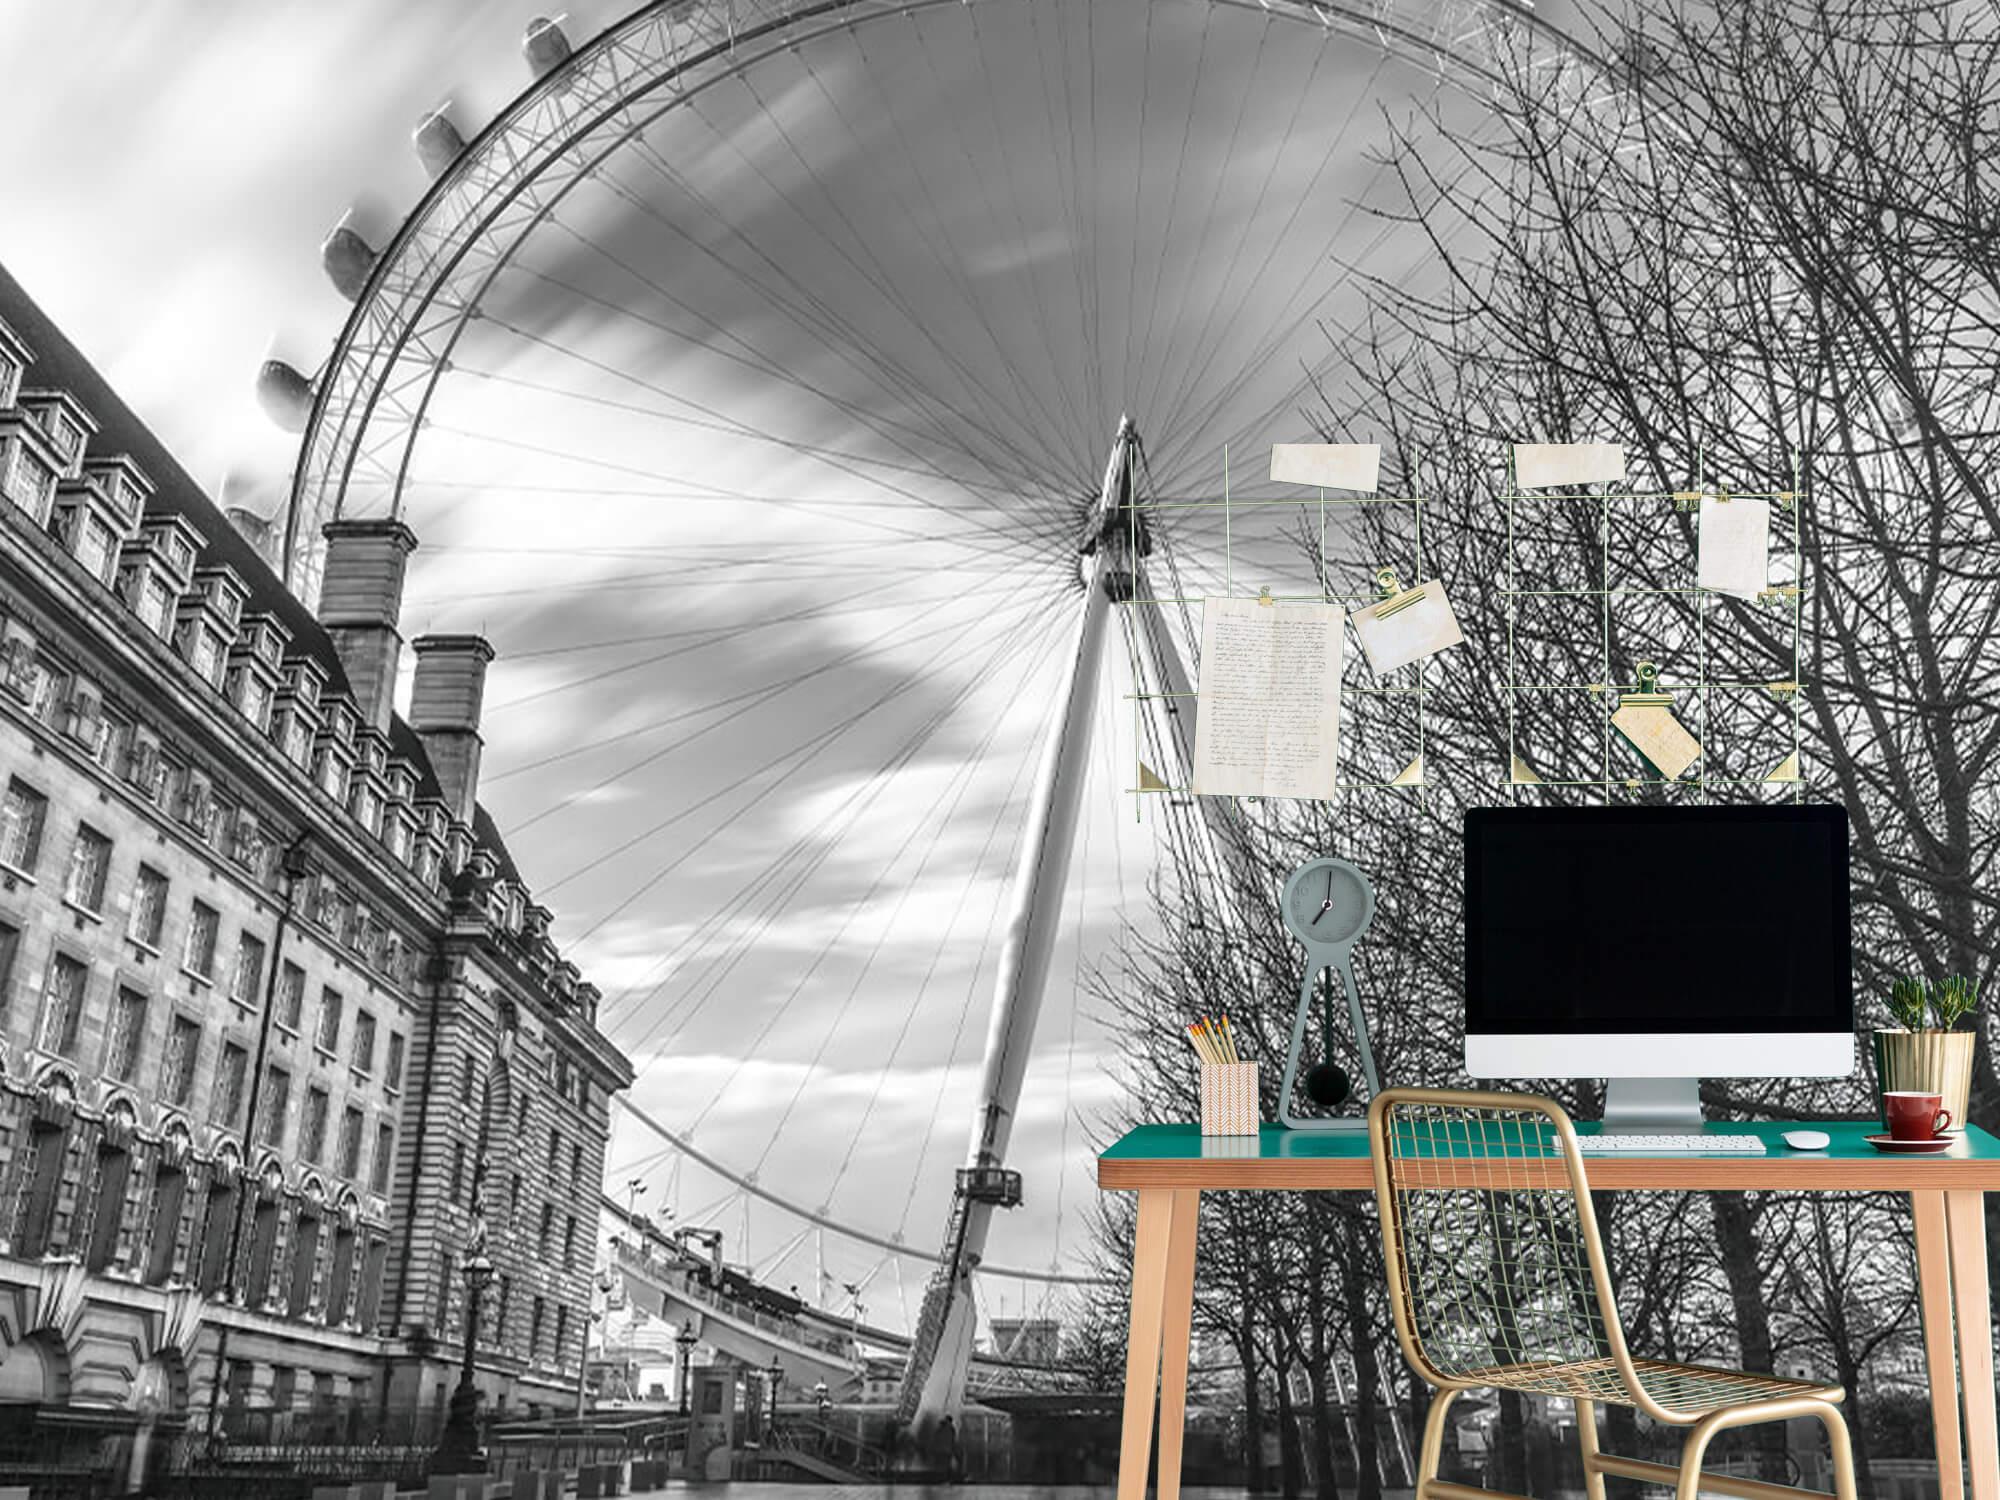 Ferris wheel in London 8